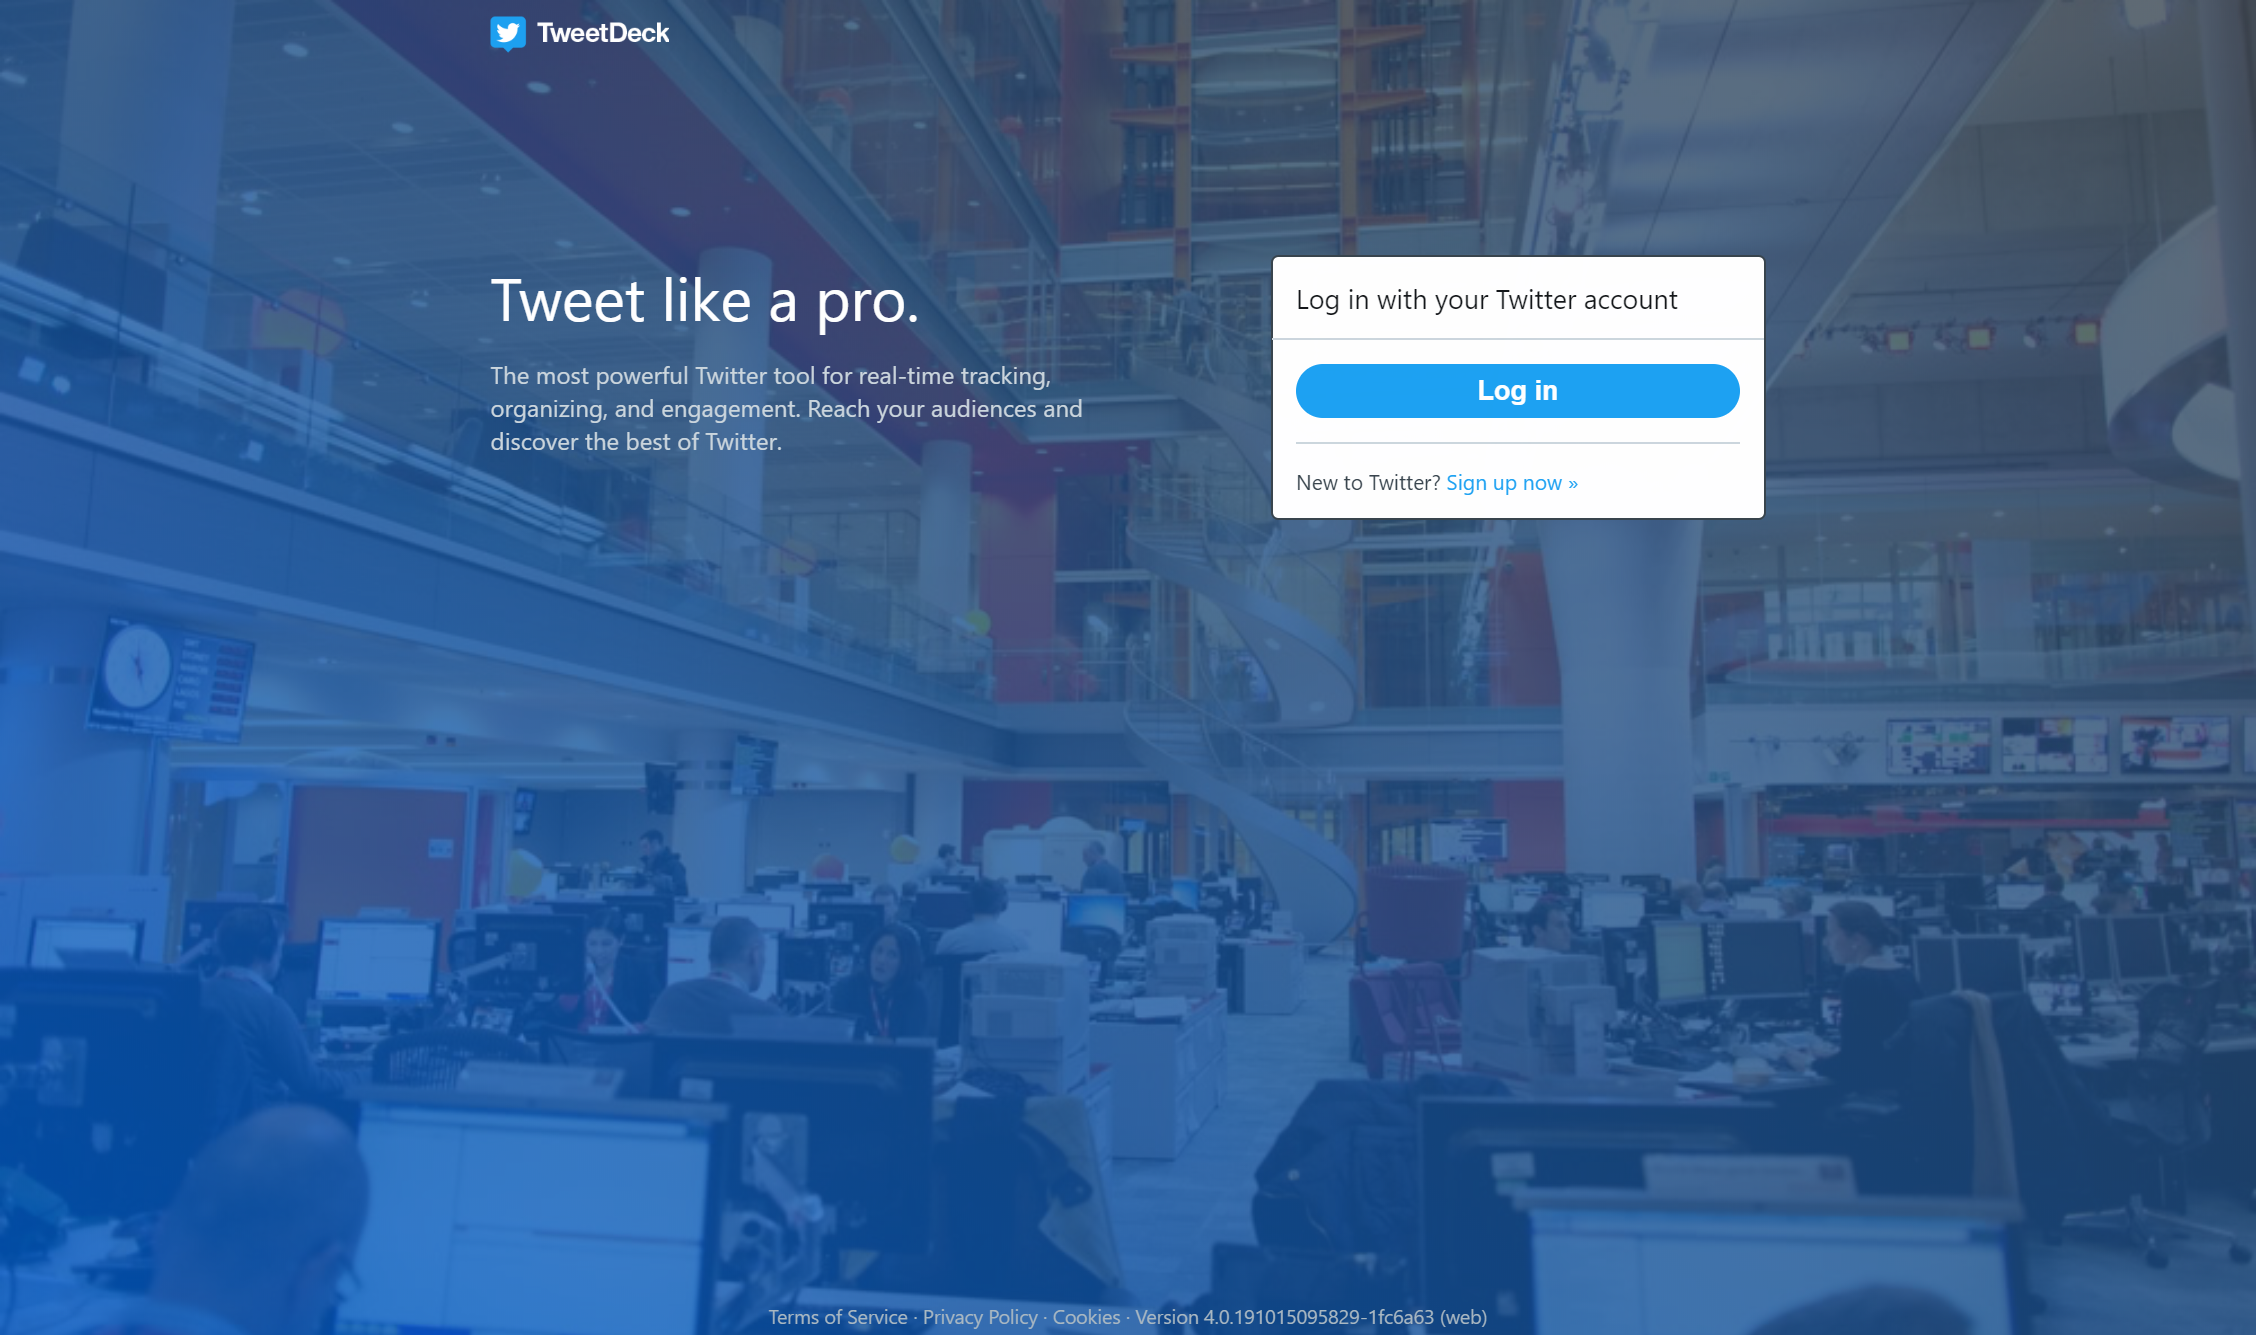 TweetDeckの公式サイトの画像